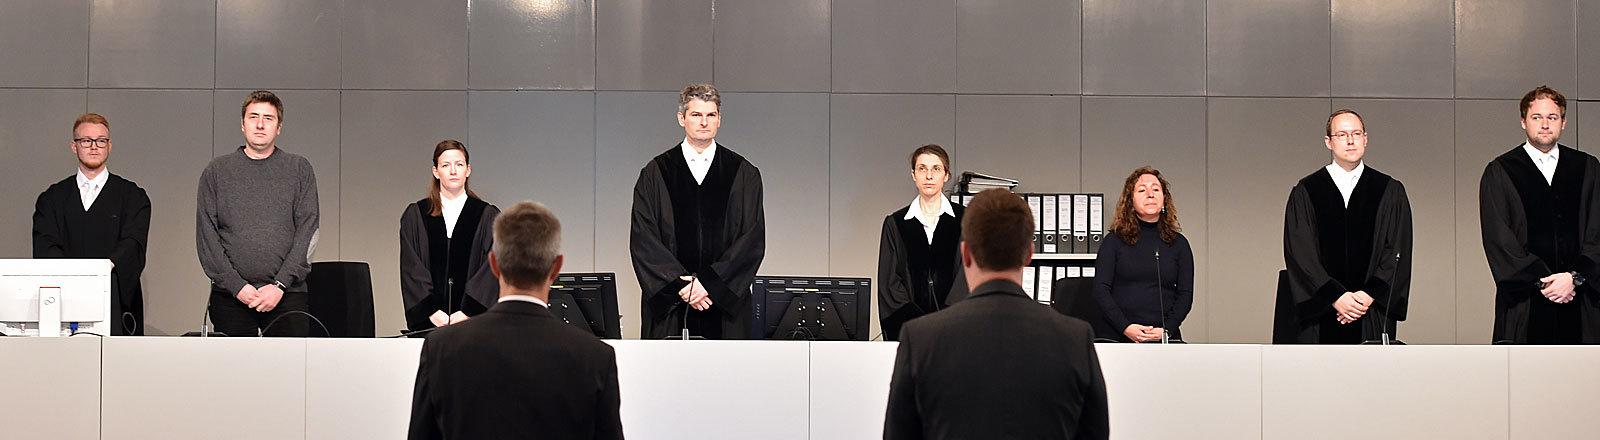 Szene aus dem Gerichtssaal während des Loveparade-Prozesses